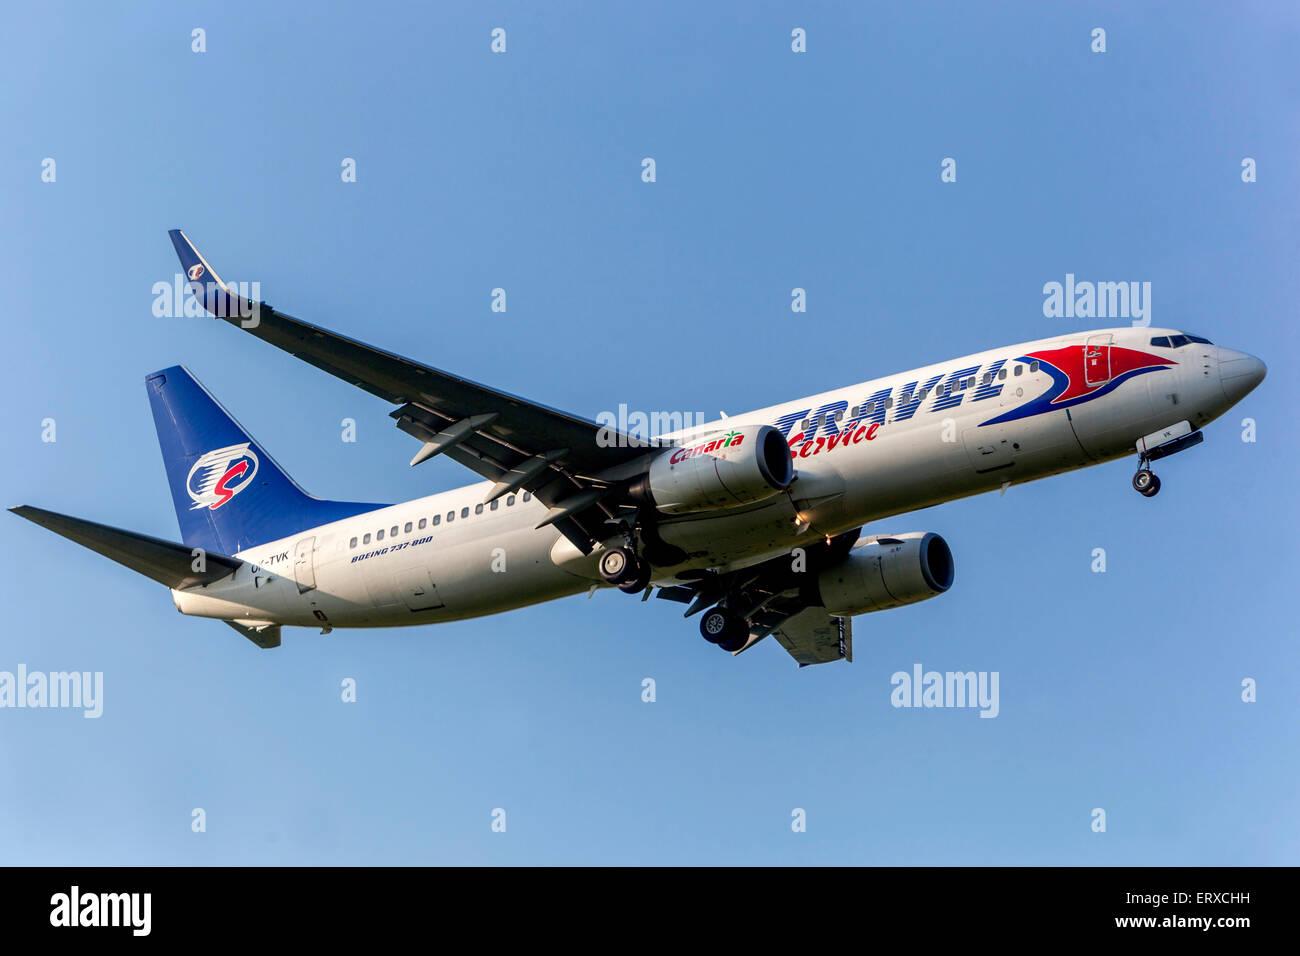 Boeing 737 azionato da Travel Service sulla rotta di avvicinamento per l'atterraggio Praga, Repubblica Ceca Immagini Stock